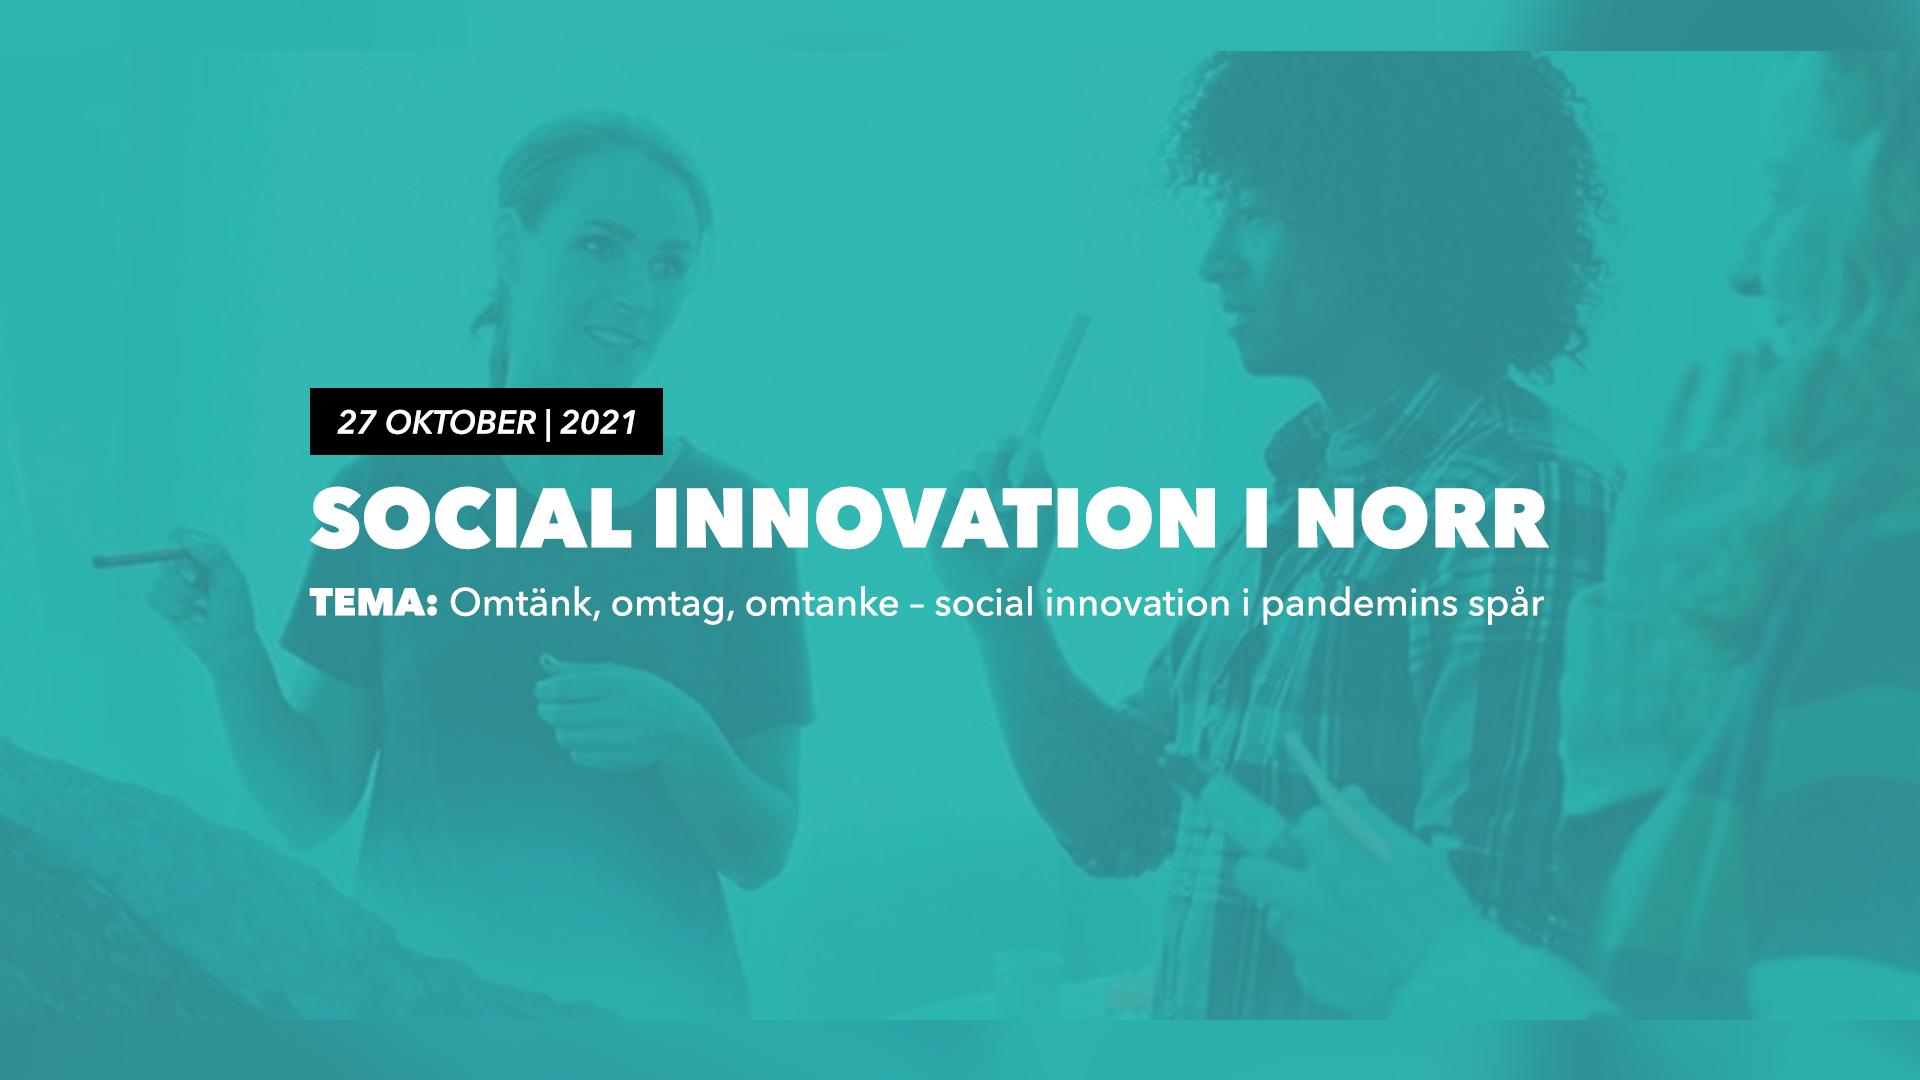 Social Innovation i Norr